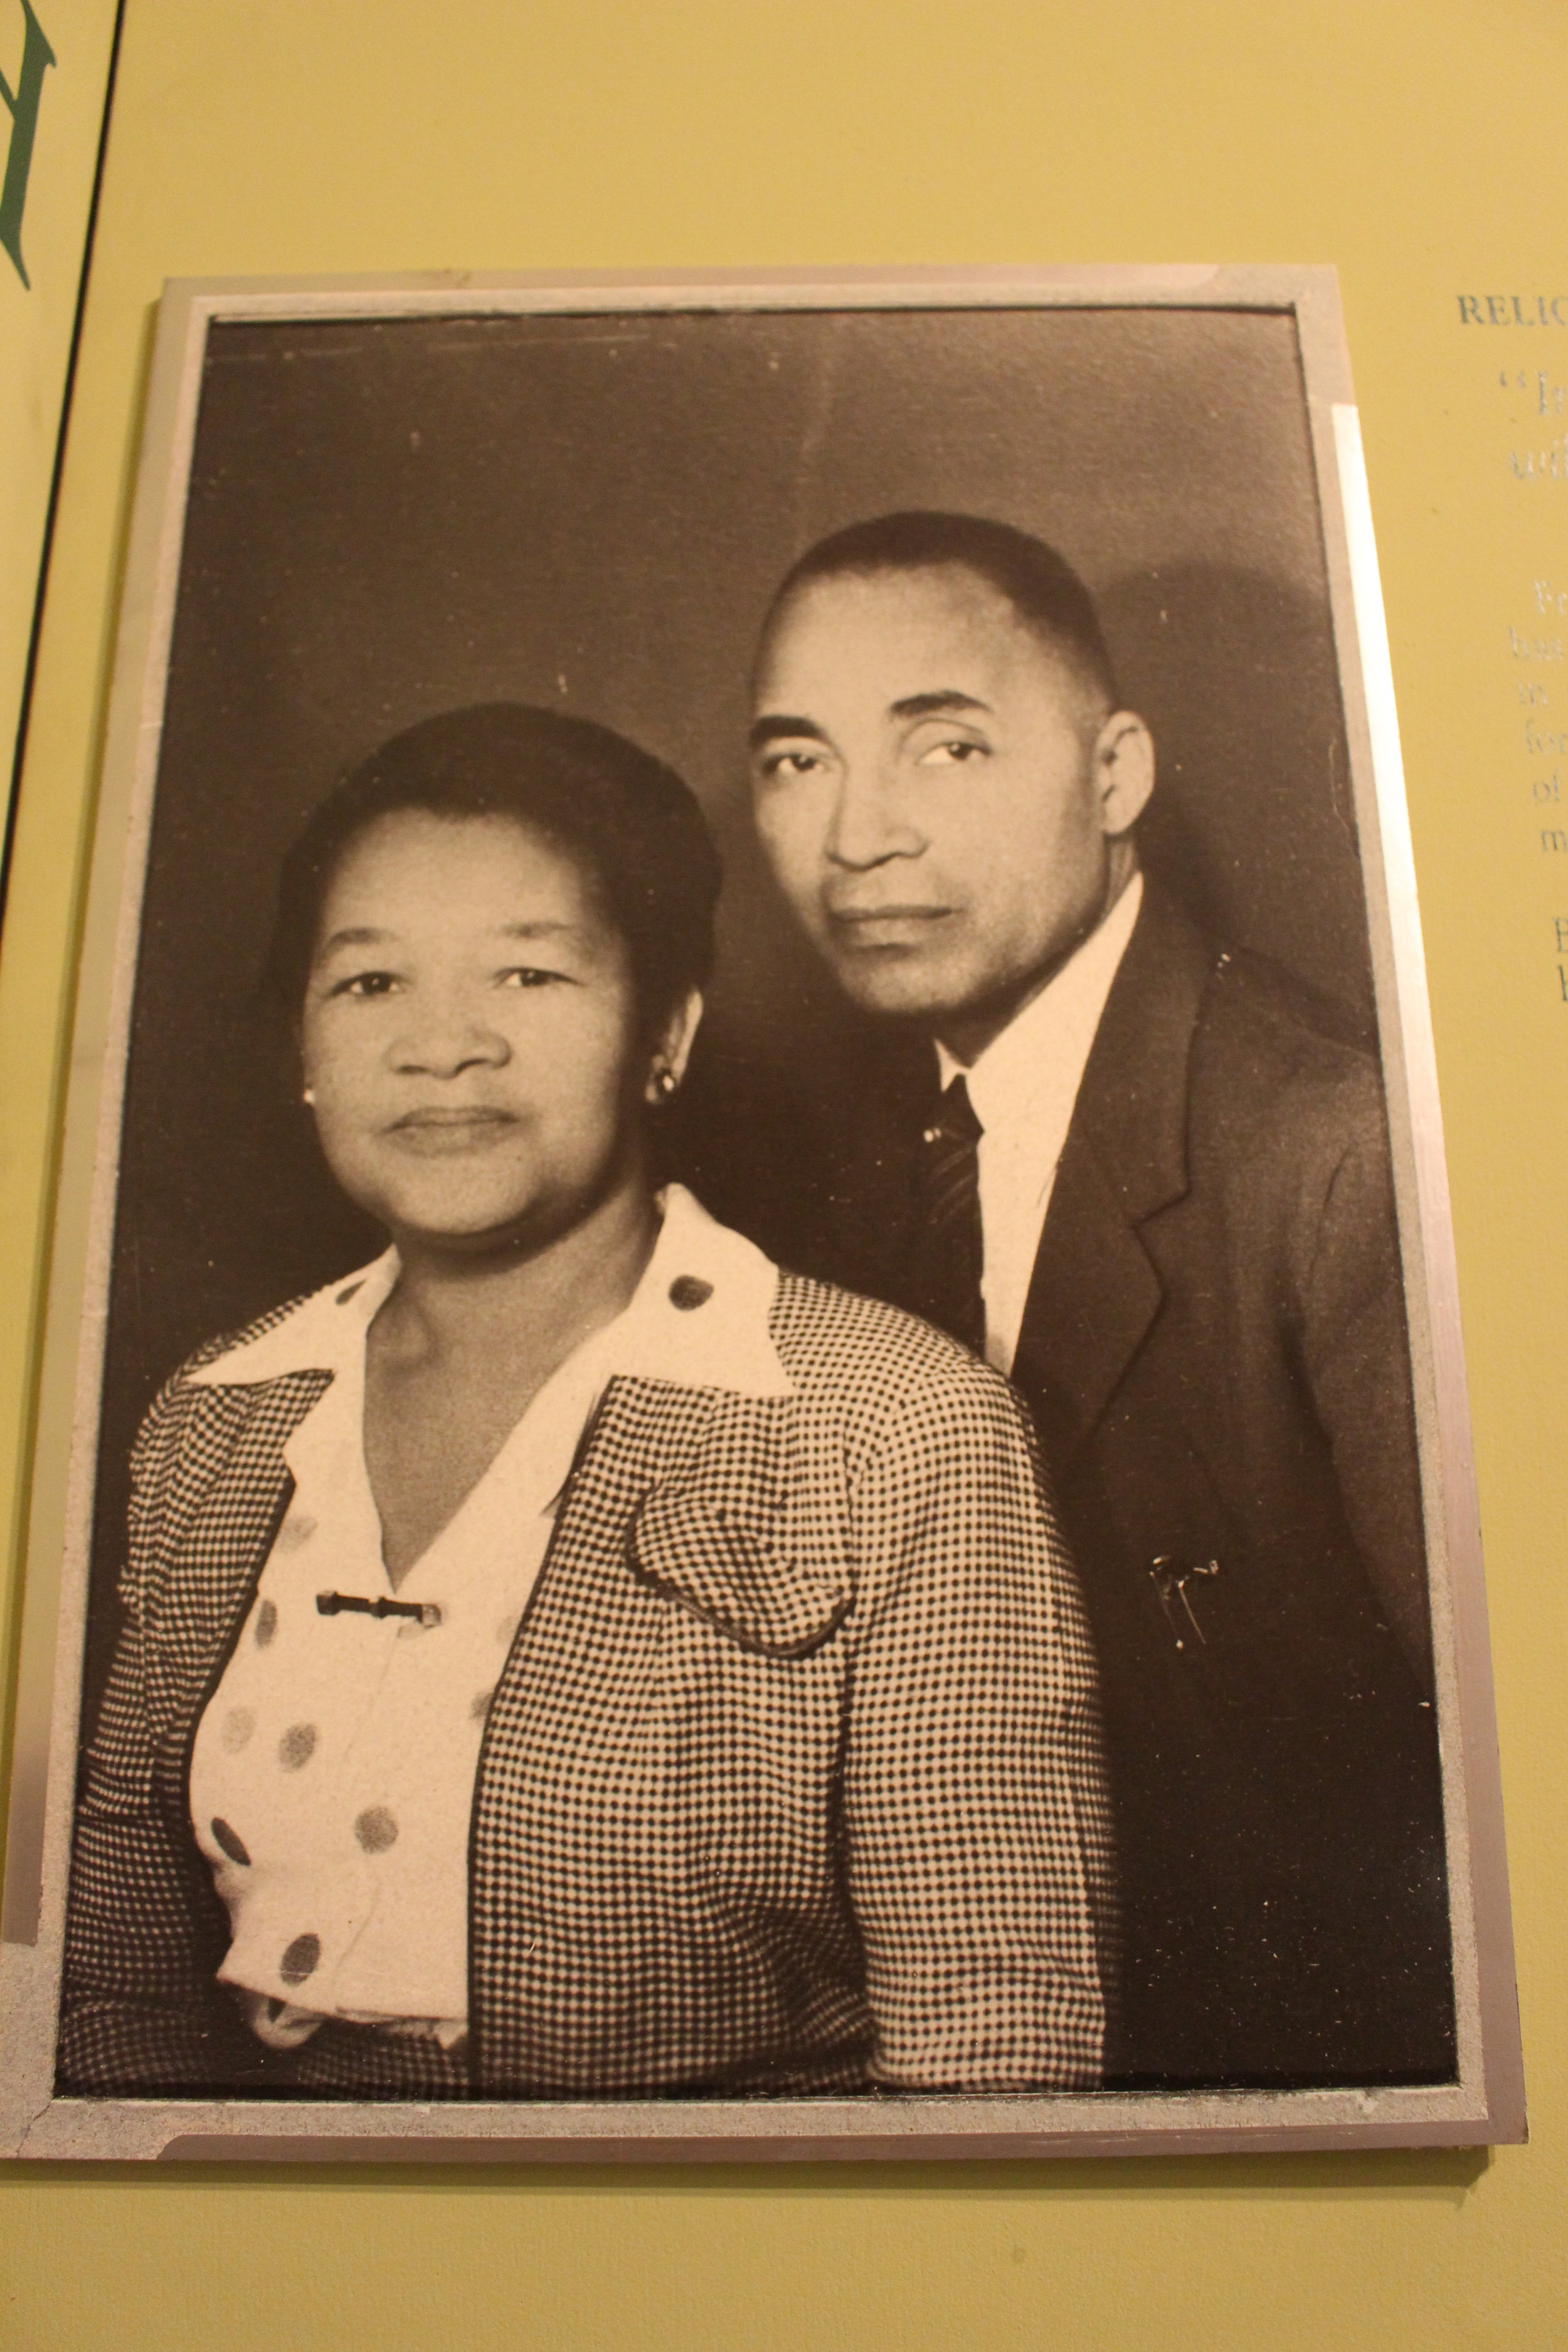 Professor W. E. Nash and wife, Willa Ann